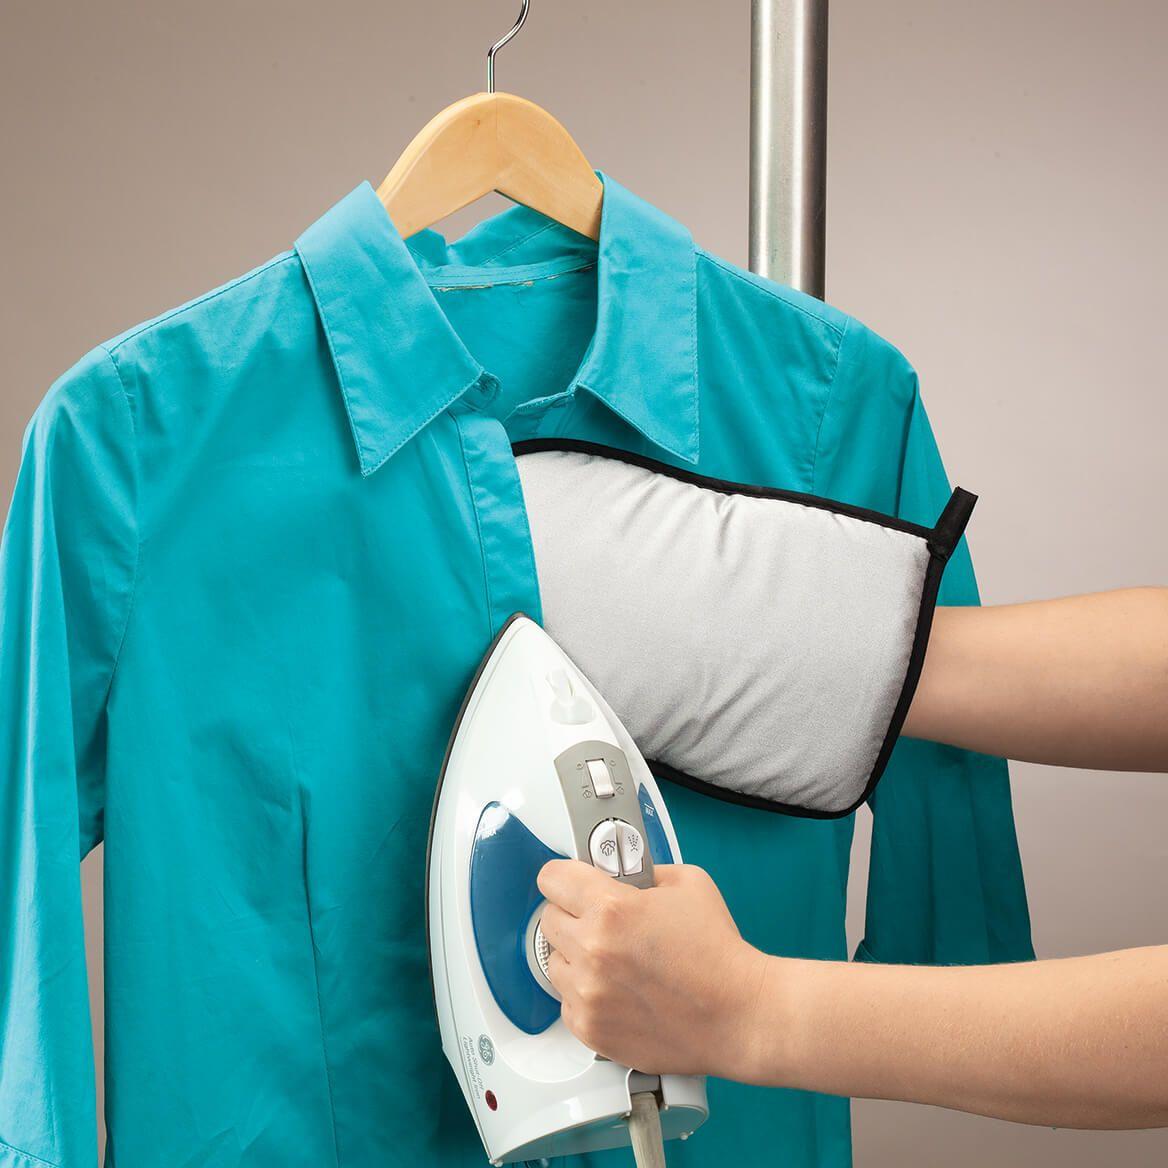 Steamer Ironing Glove-372254